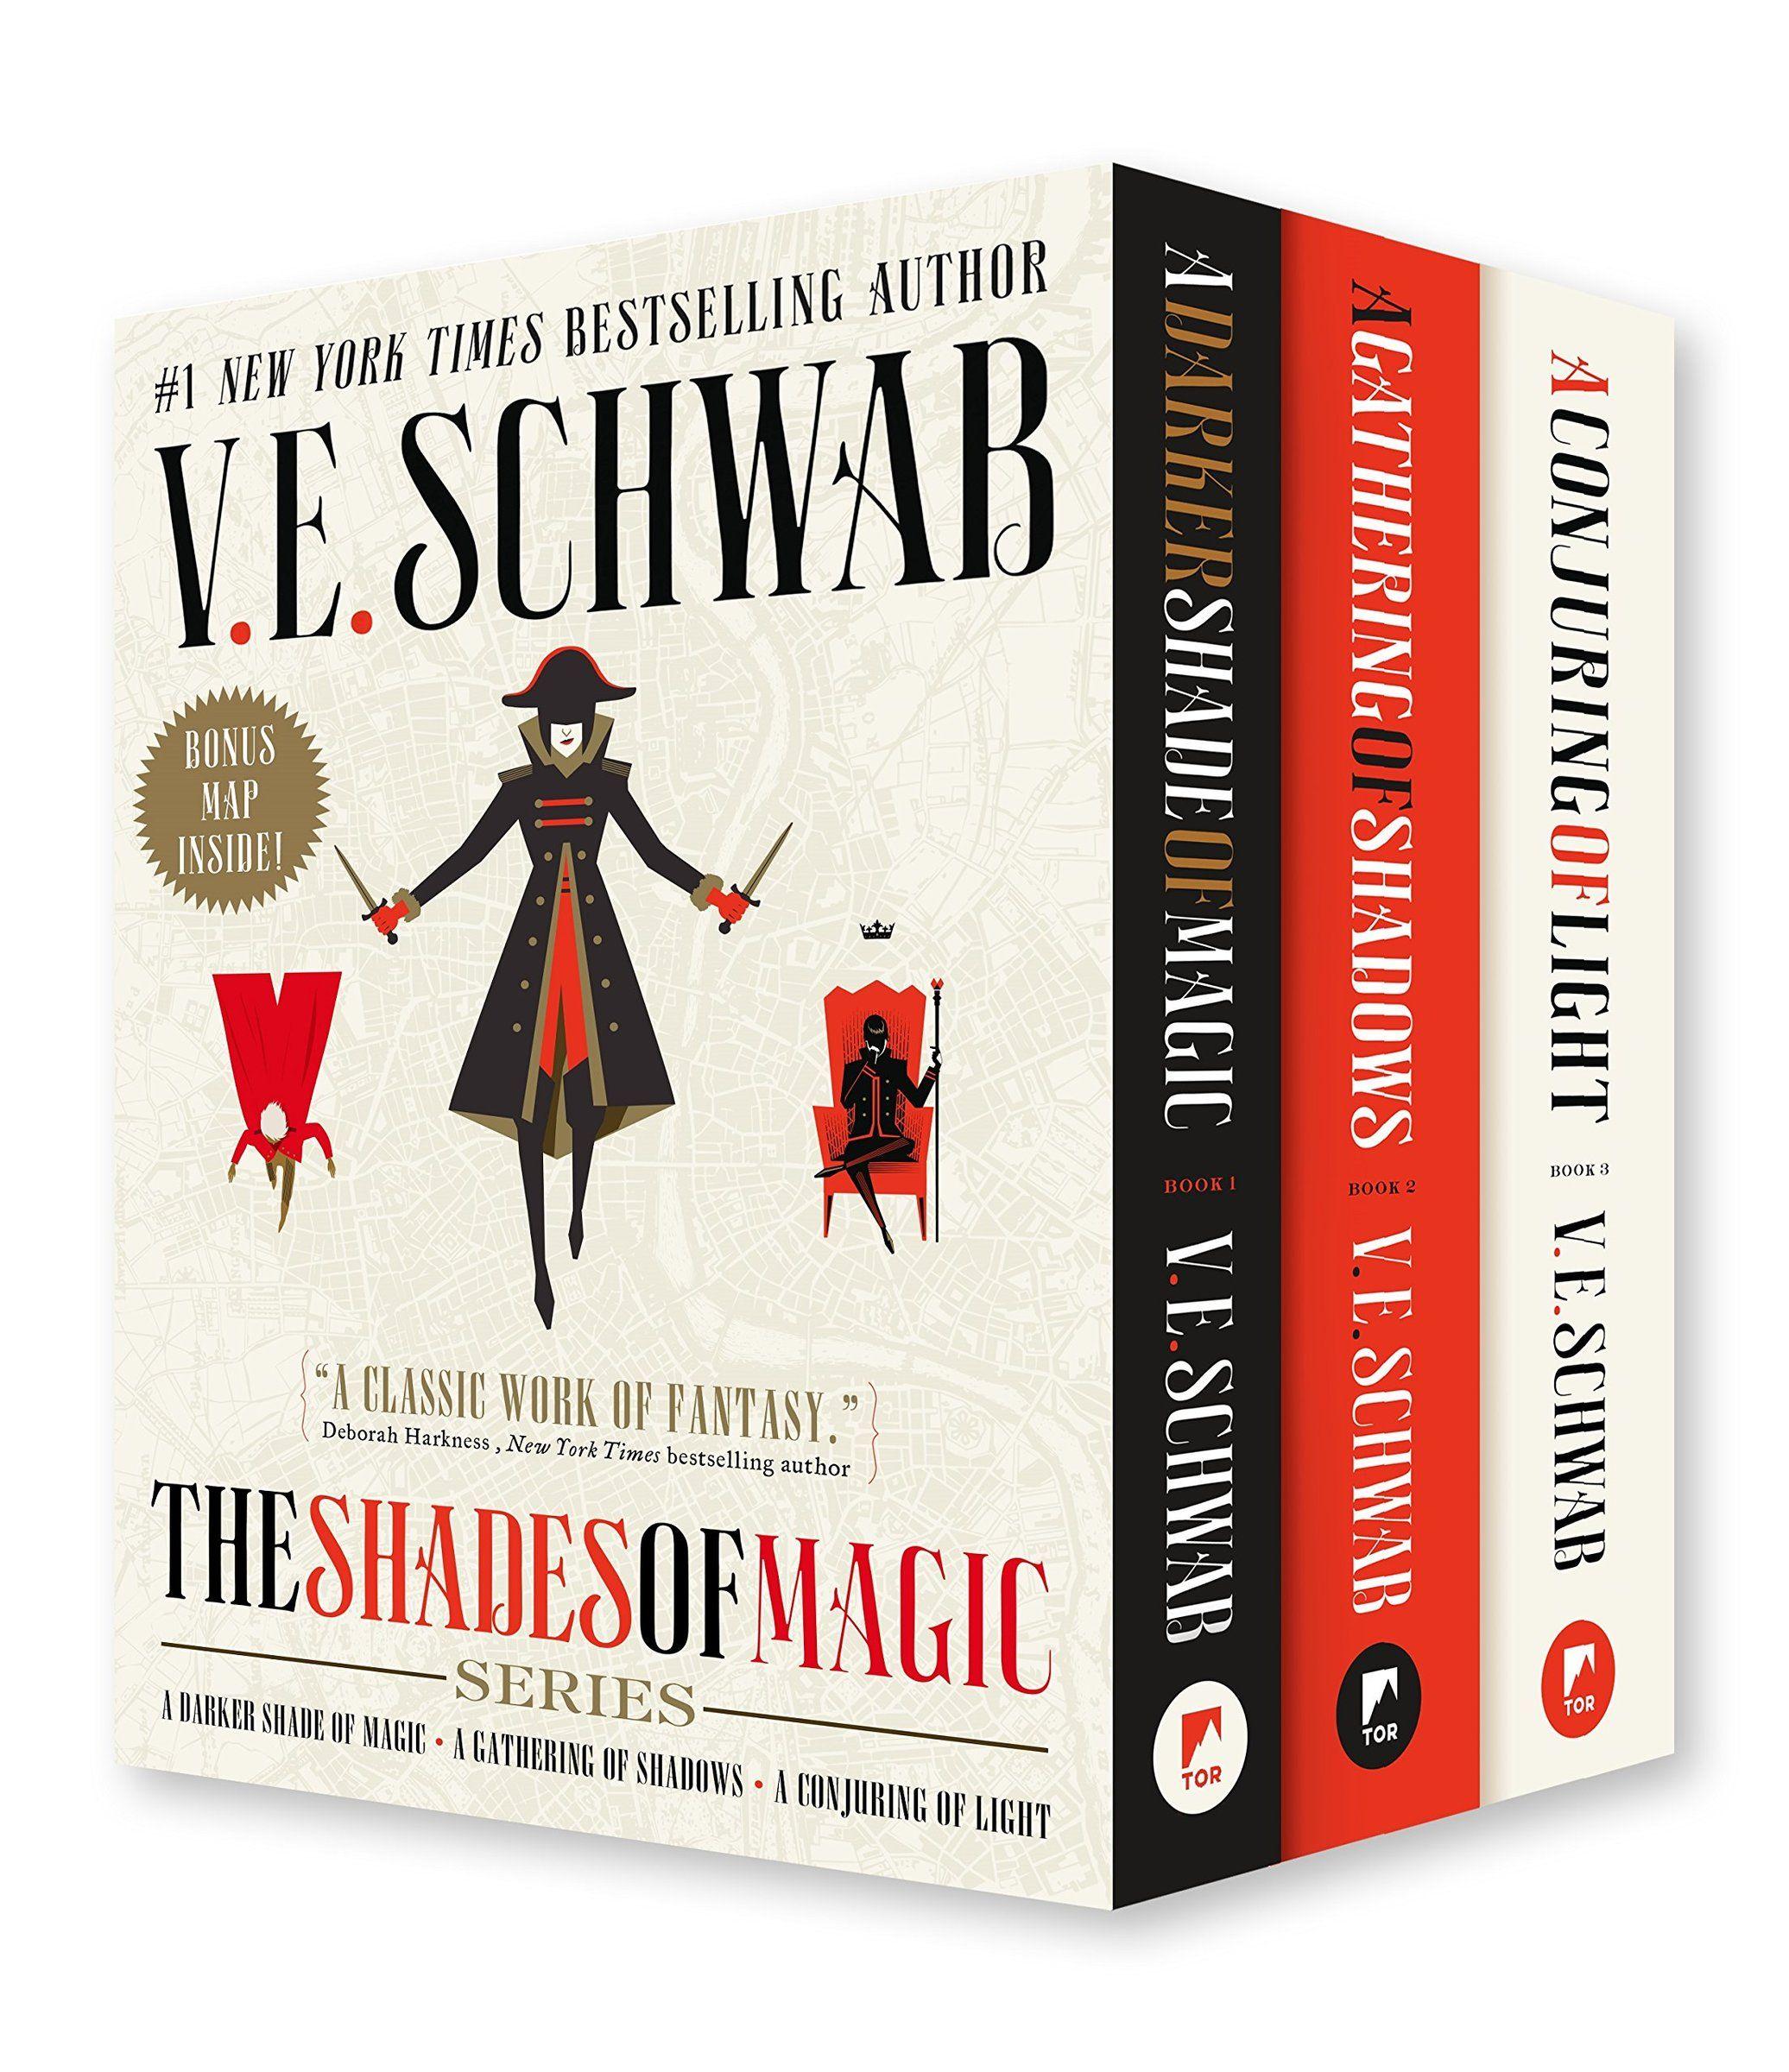 Pin By Bookalicious On Boxsets A Darker Shade Of Magic A